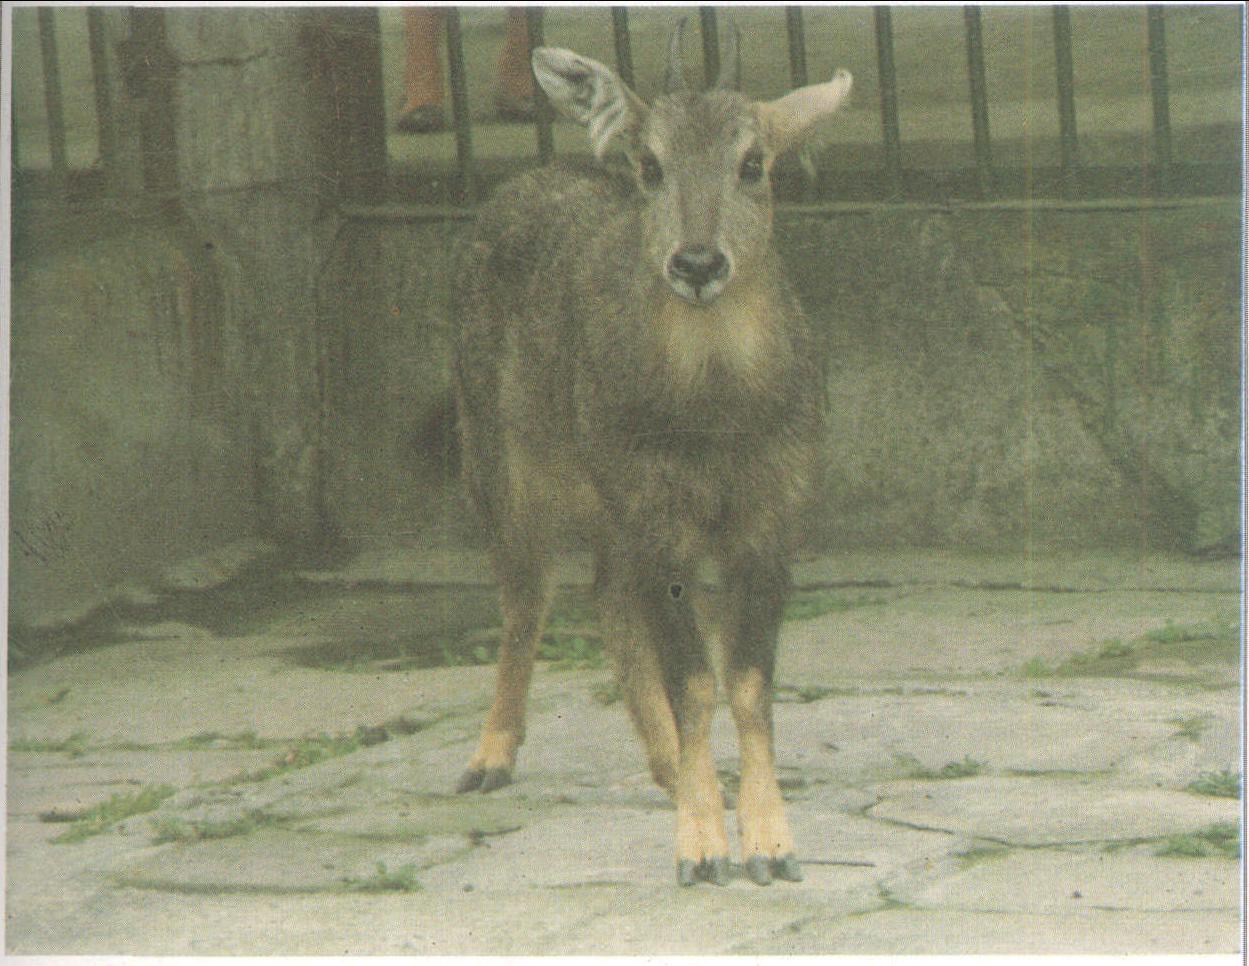 大全 正文               斑羚角 : 【药用来源】 牛科动物斑羚